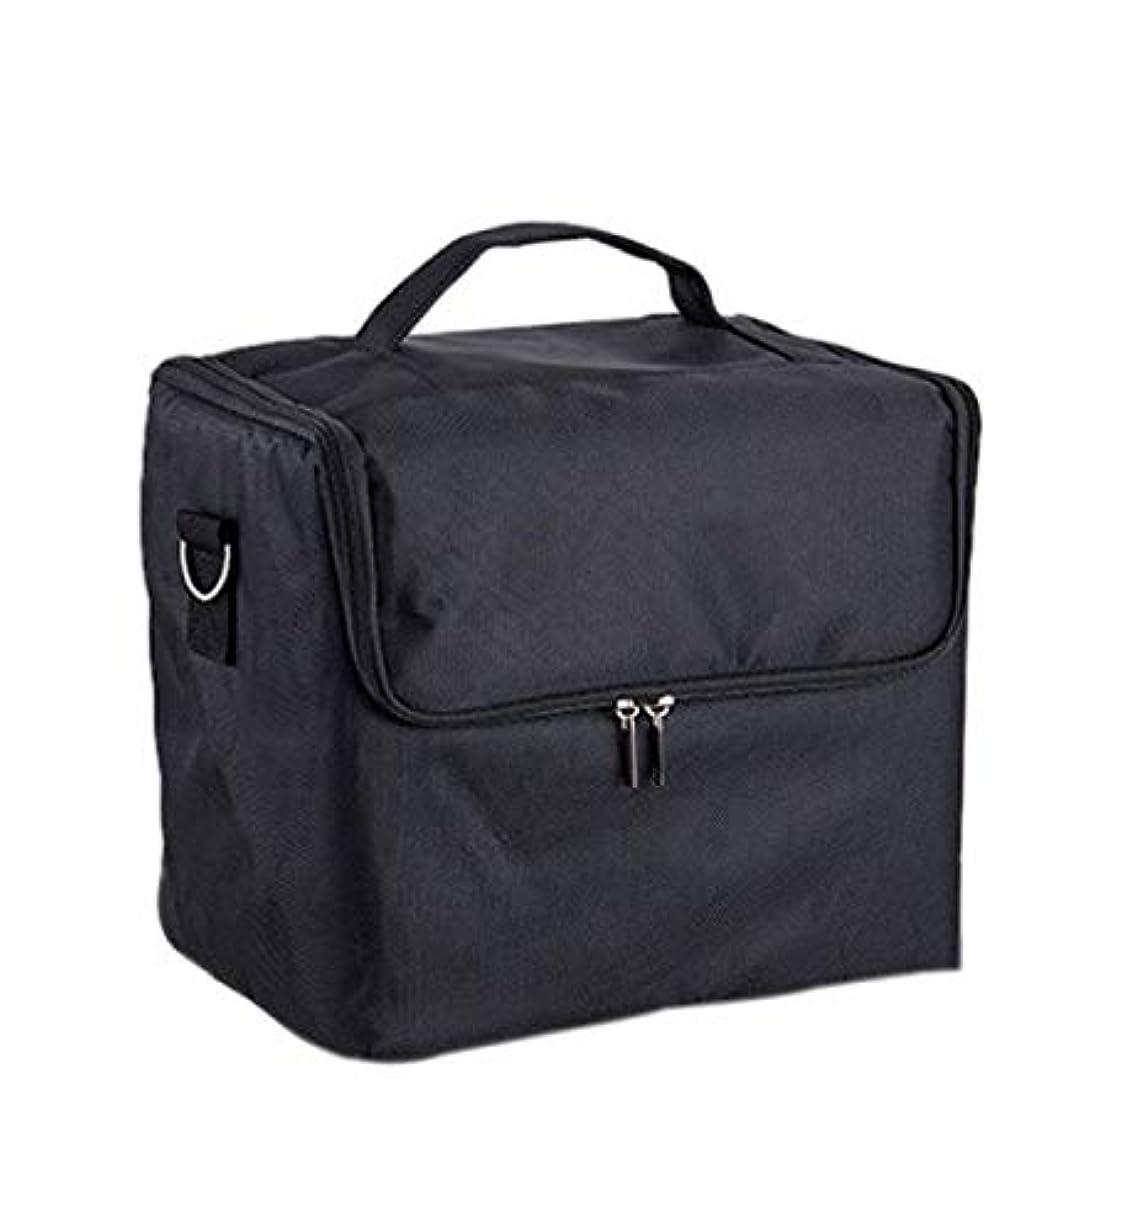 ピース振り向くうそつき化粧箱、大容量多機能化粧品ケース、ポータブル旅行化粧品袋収納袋、美容化粧ネイルジュエリー収納箱 (Color : ブラック)